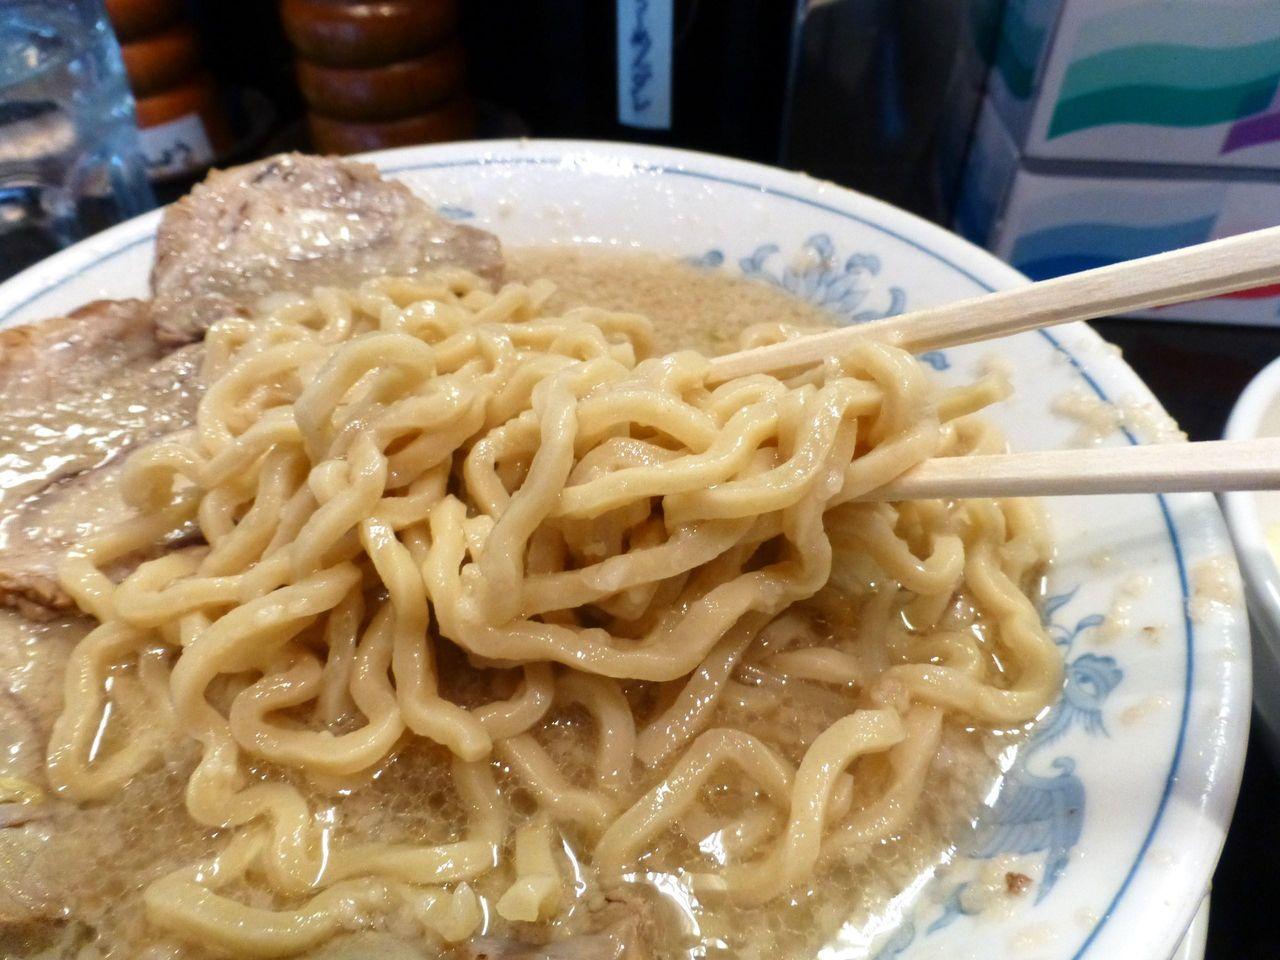 極太麺に塩スープ!おぉぉぉ〜こりゃ〜たまらん!